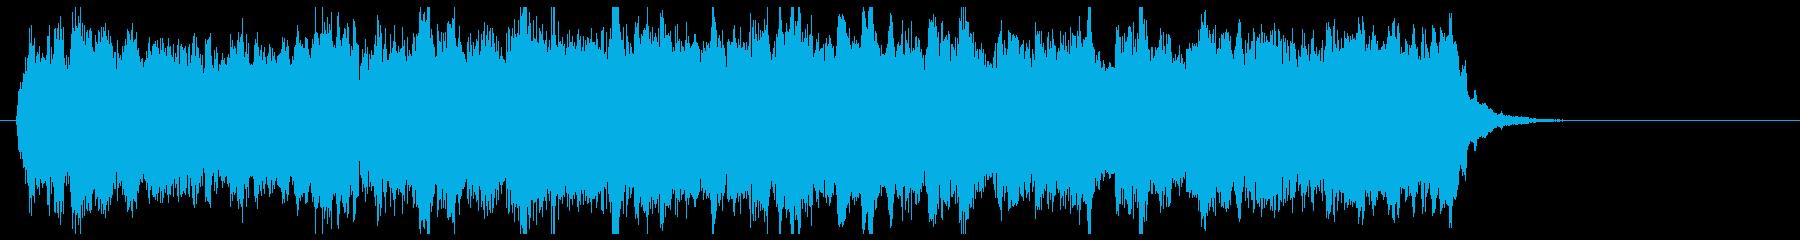 短めの壮大なオーケストラの曲の再生済みの波形